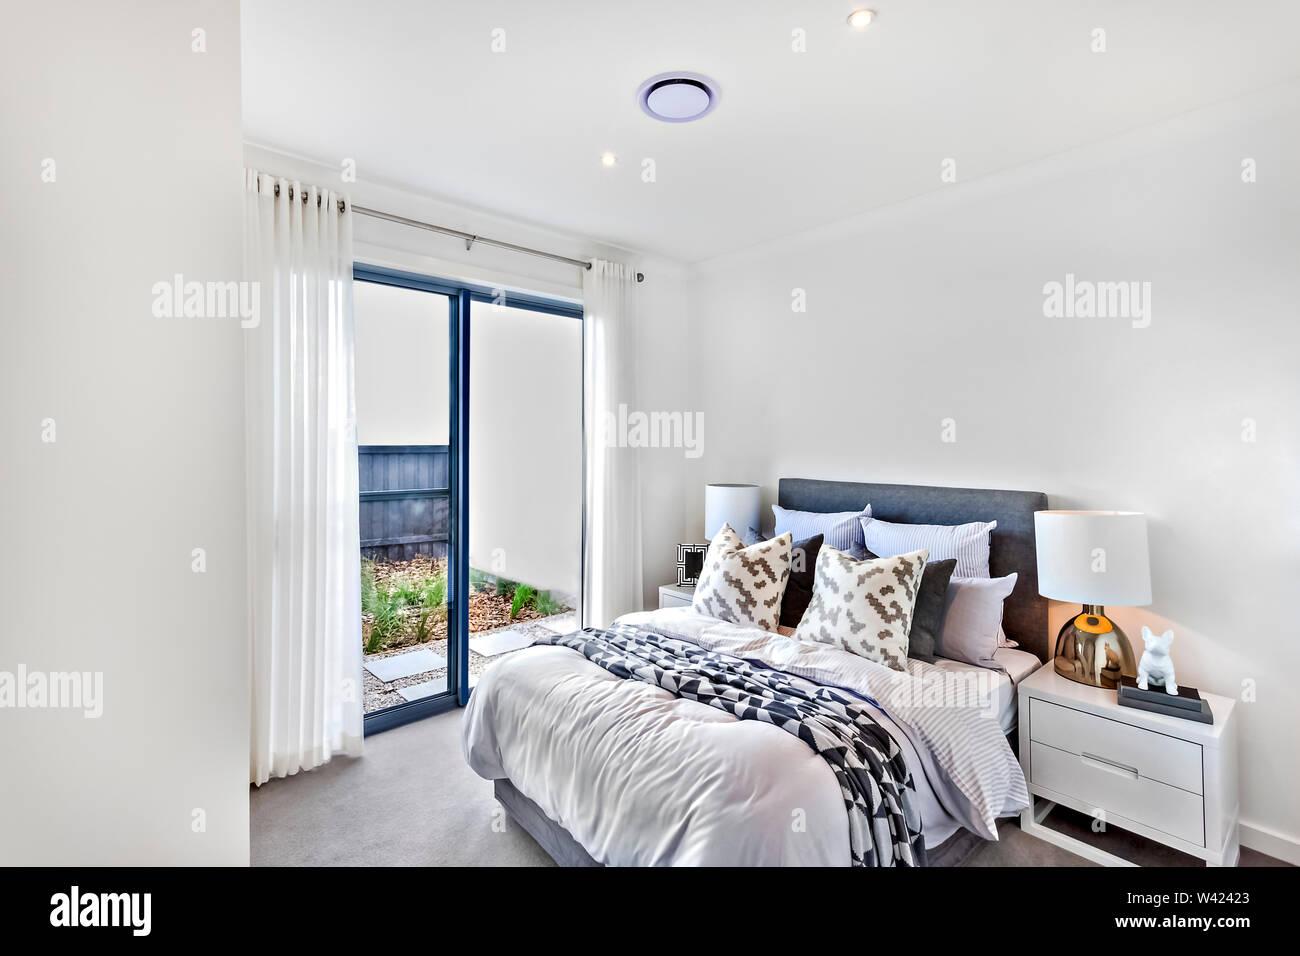 La camera da letto di lusso con decorazione bianco tra i quali coperte e cuscini vicino a lampade e pareti Immagini Stock